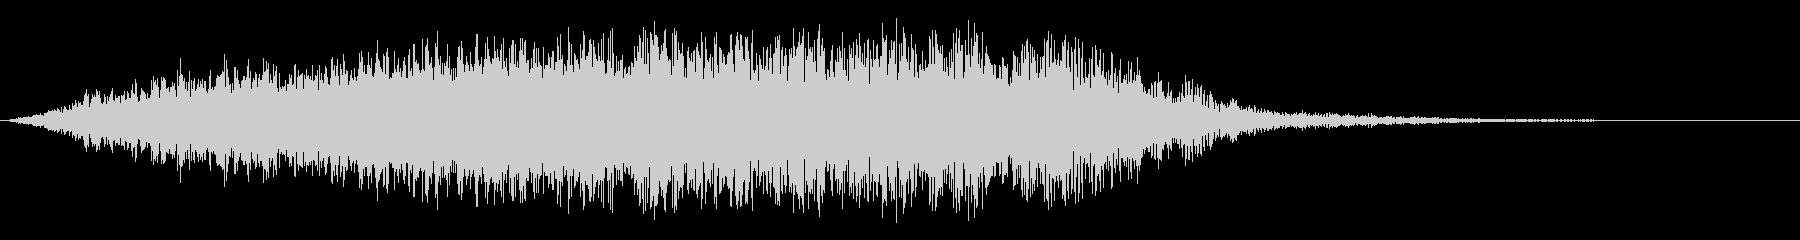 シューン(パッド系、起動音)の未再生の波形